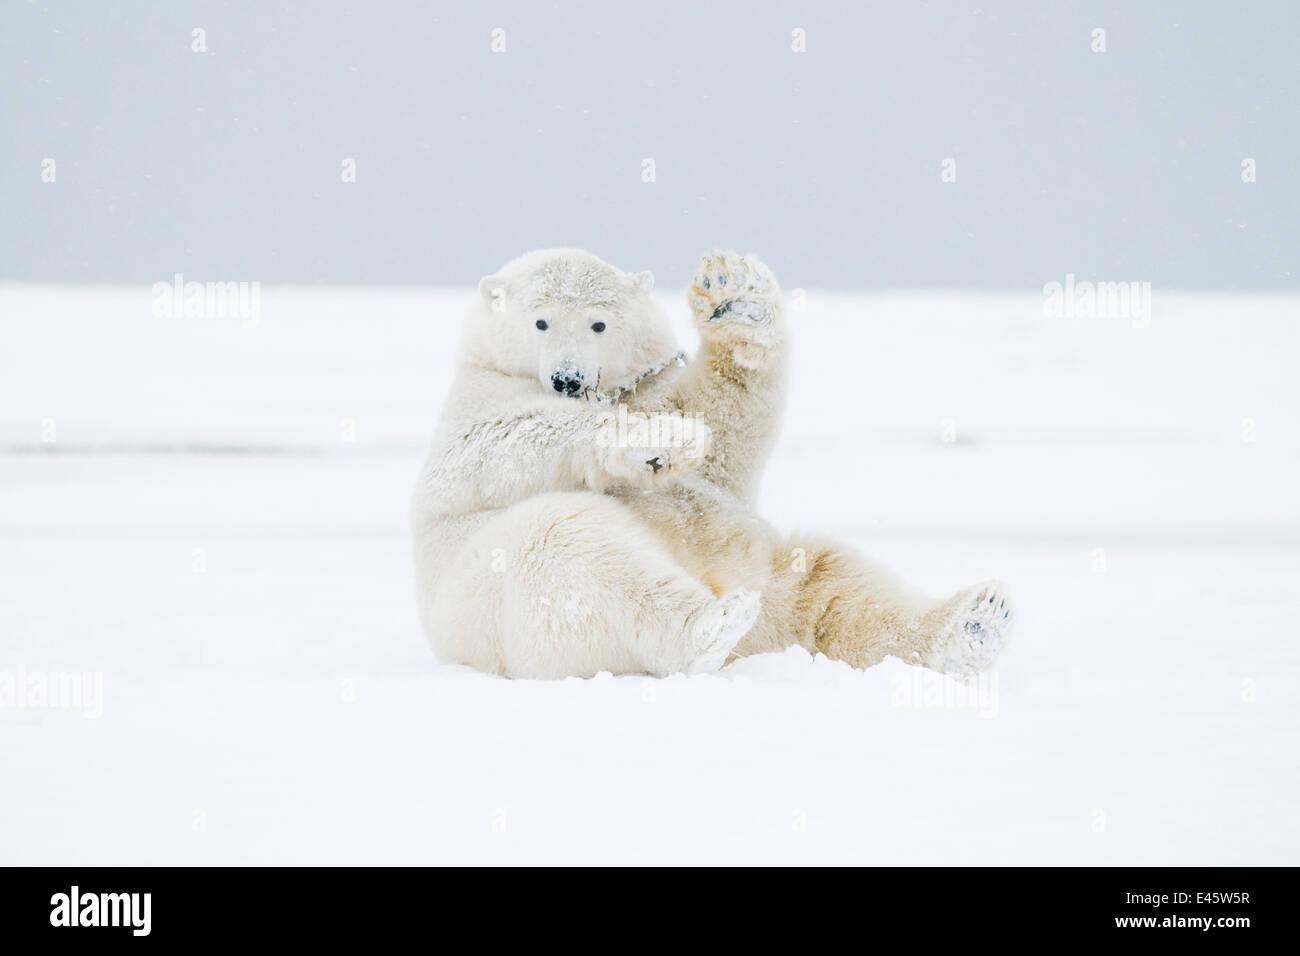 Eisbär (Ursus Maritimus) junger Mann spielen / wälzen im Schnee auf einer vorgelagerten Insel im Herbst Stockbild